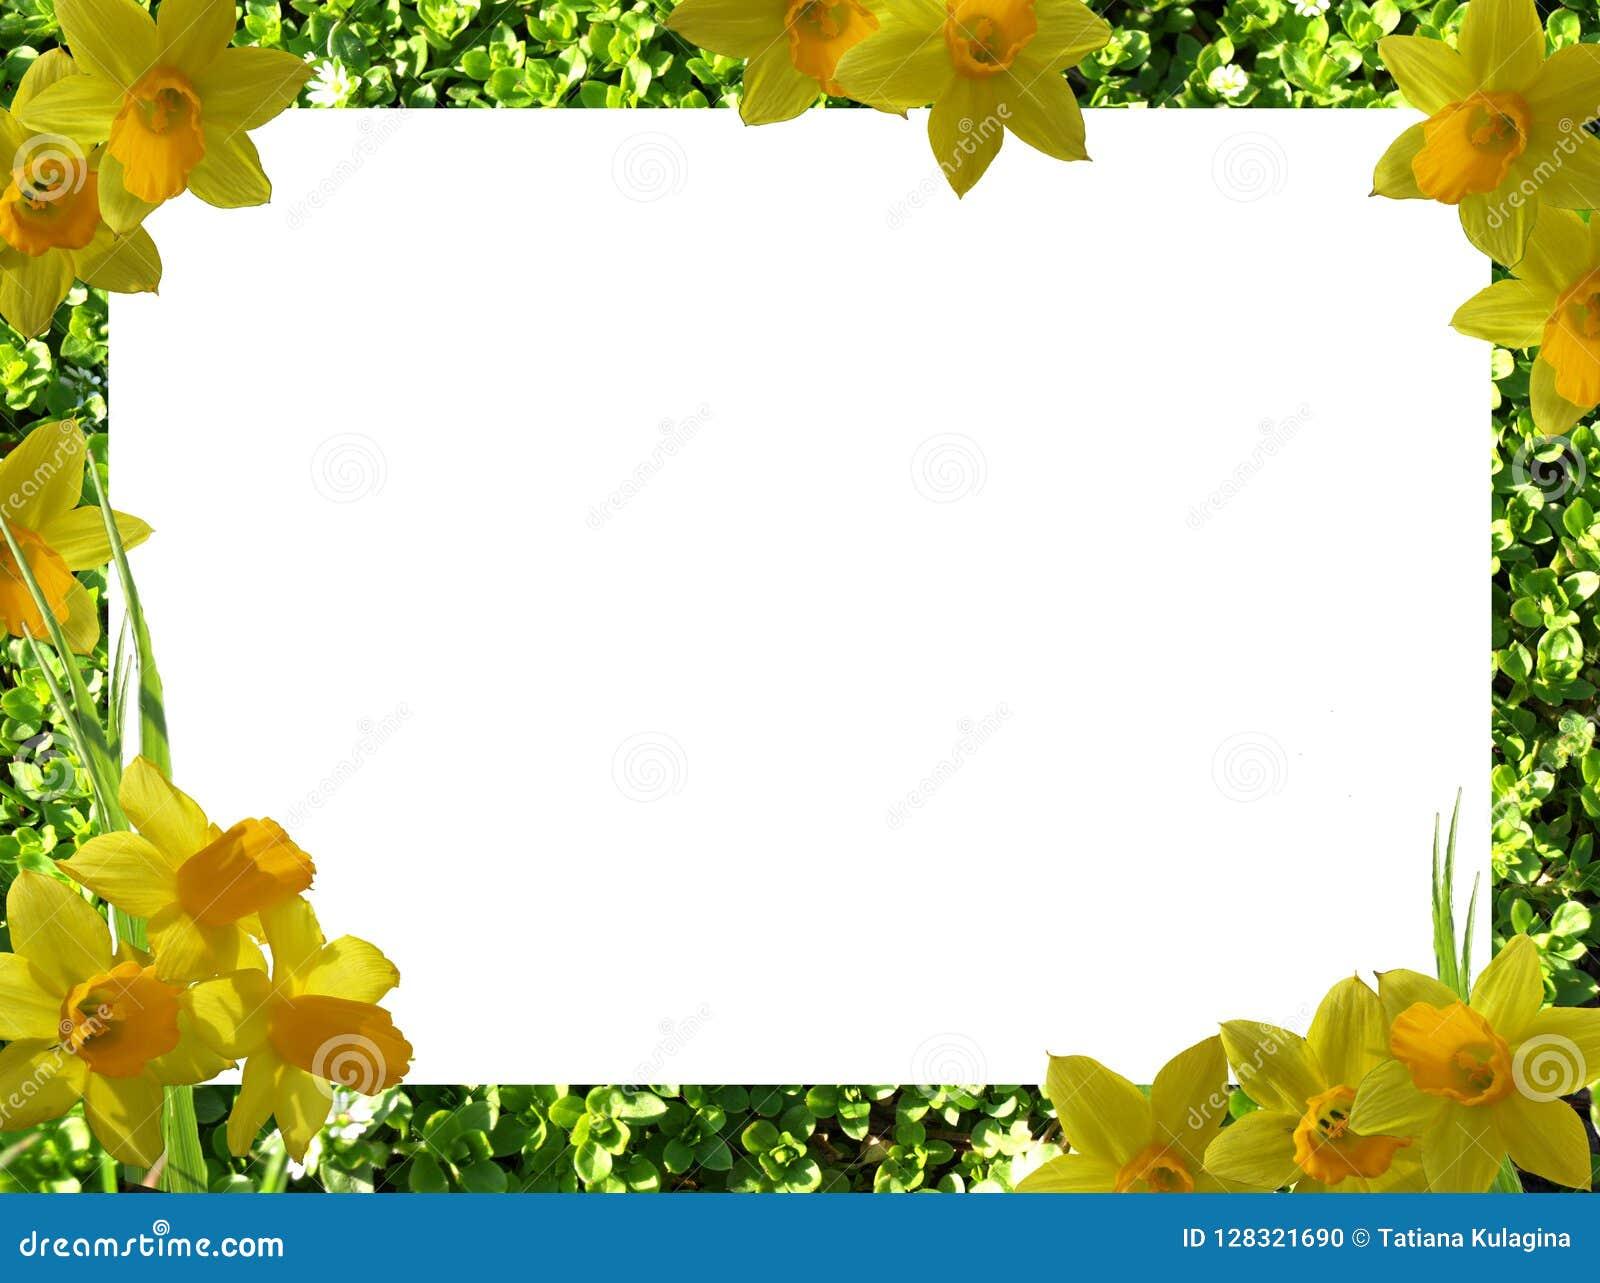 Fiori Gialli Png.Pagina Dei Fiori Png Fotografia Stock Immagine Di Erba 128321690